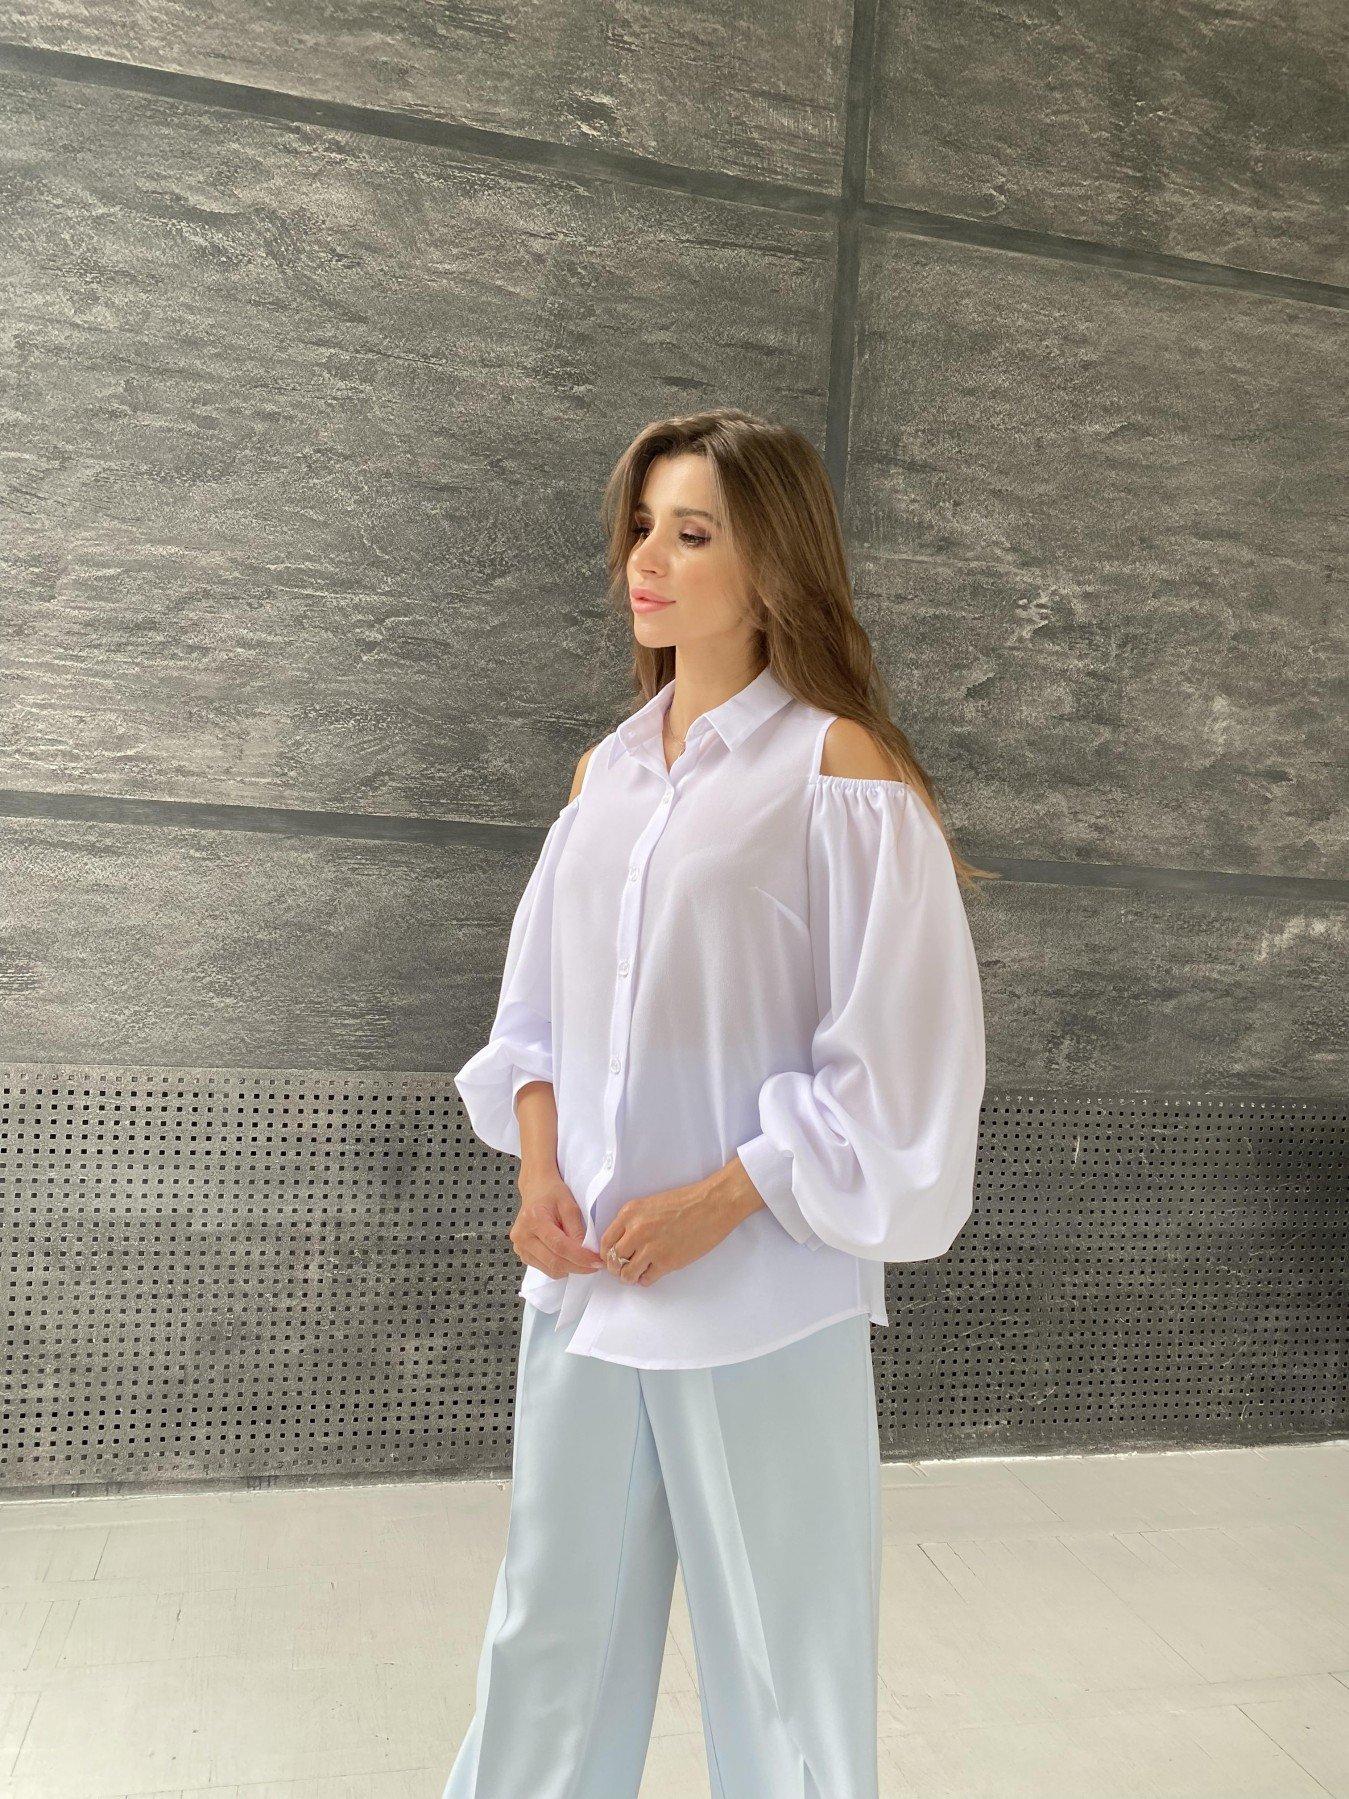 Адель блуза из креп креш шифона 11657 АРТ. 48371 Цвет: Белый - фото 1, интернет магазин tm-modus.ru